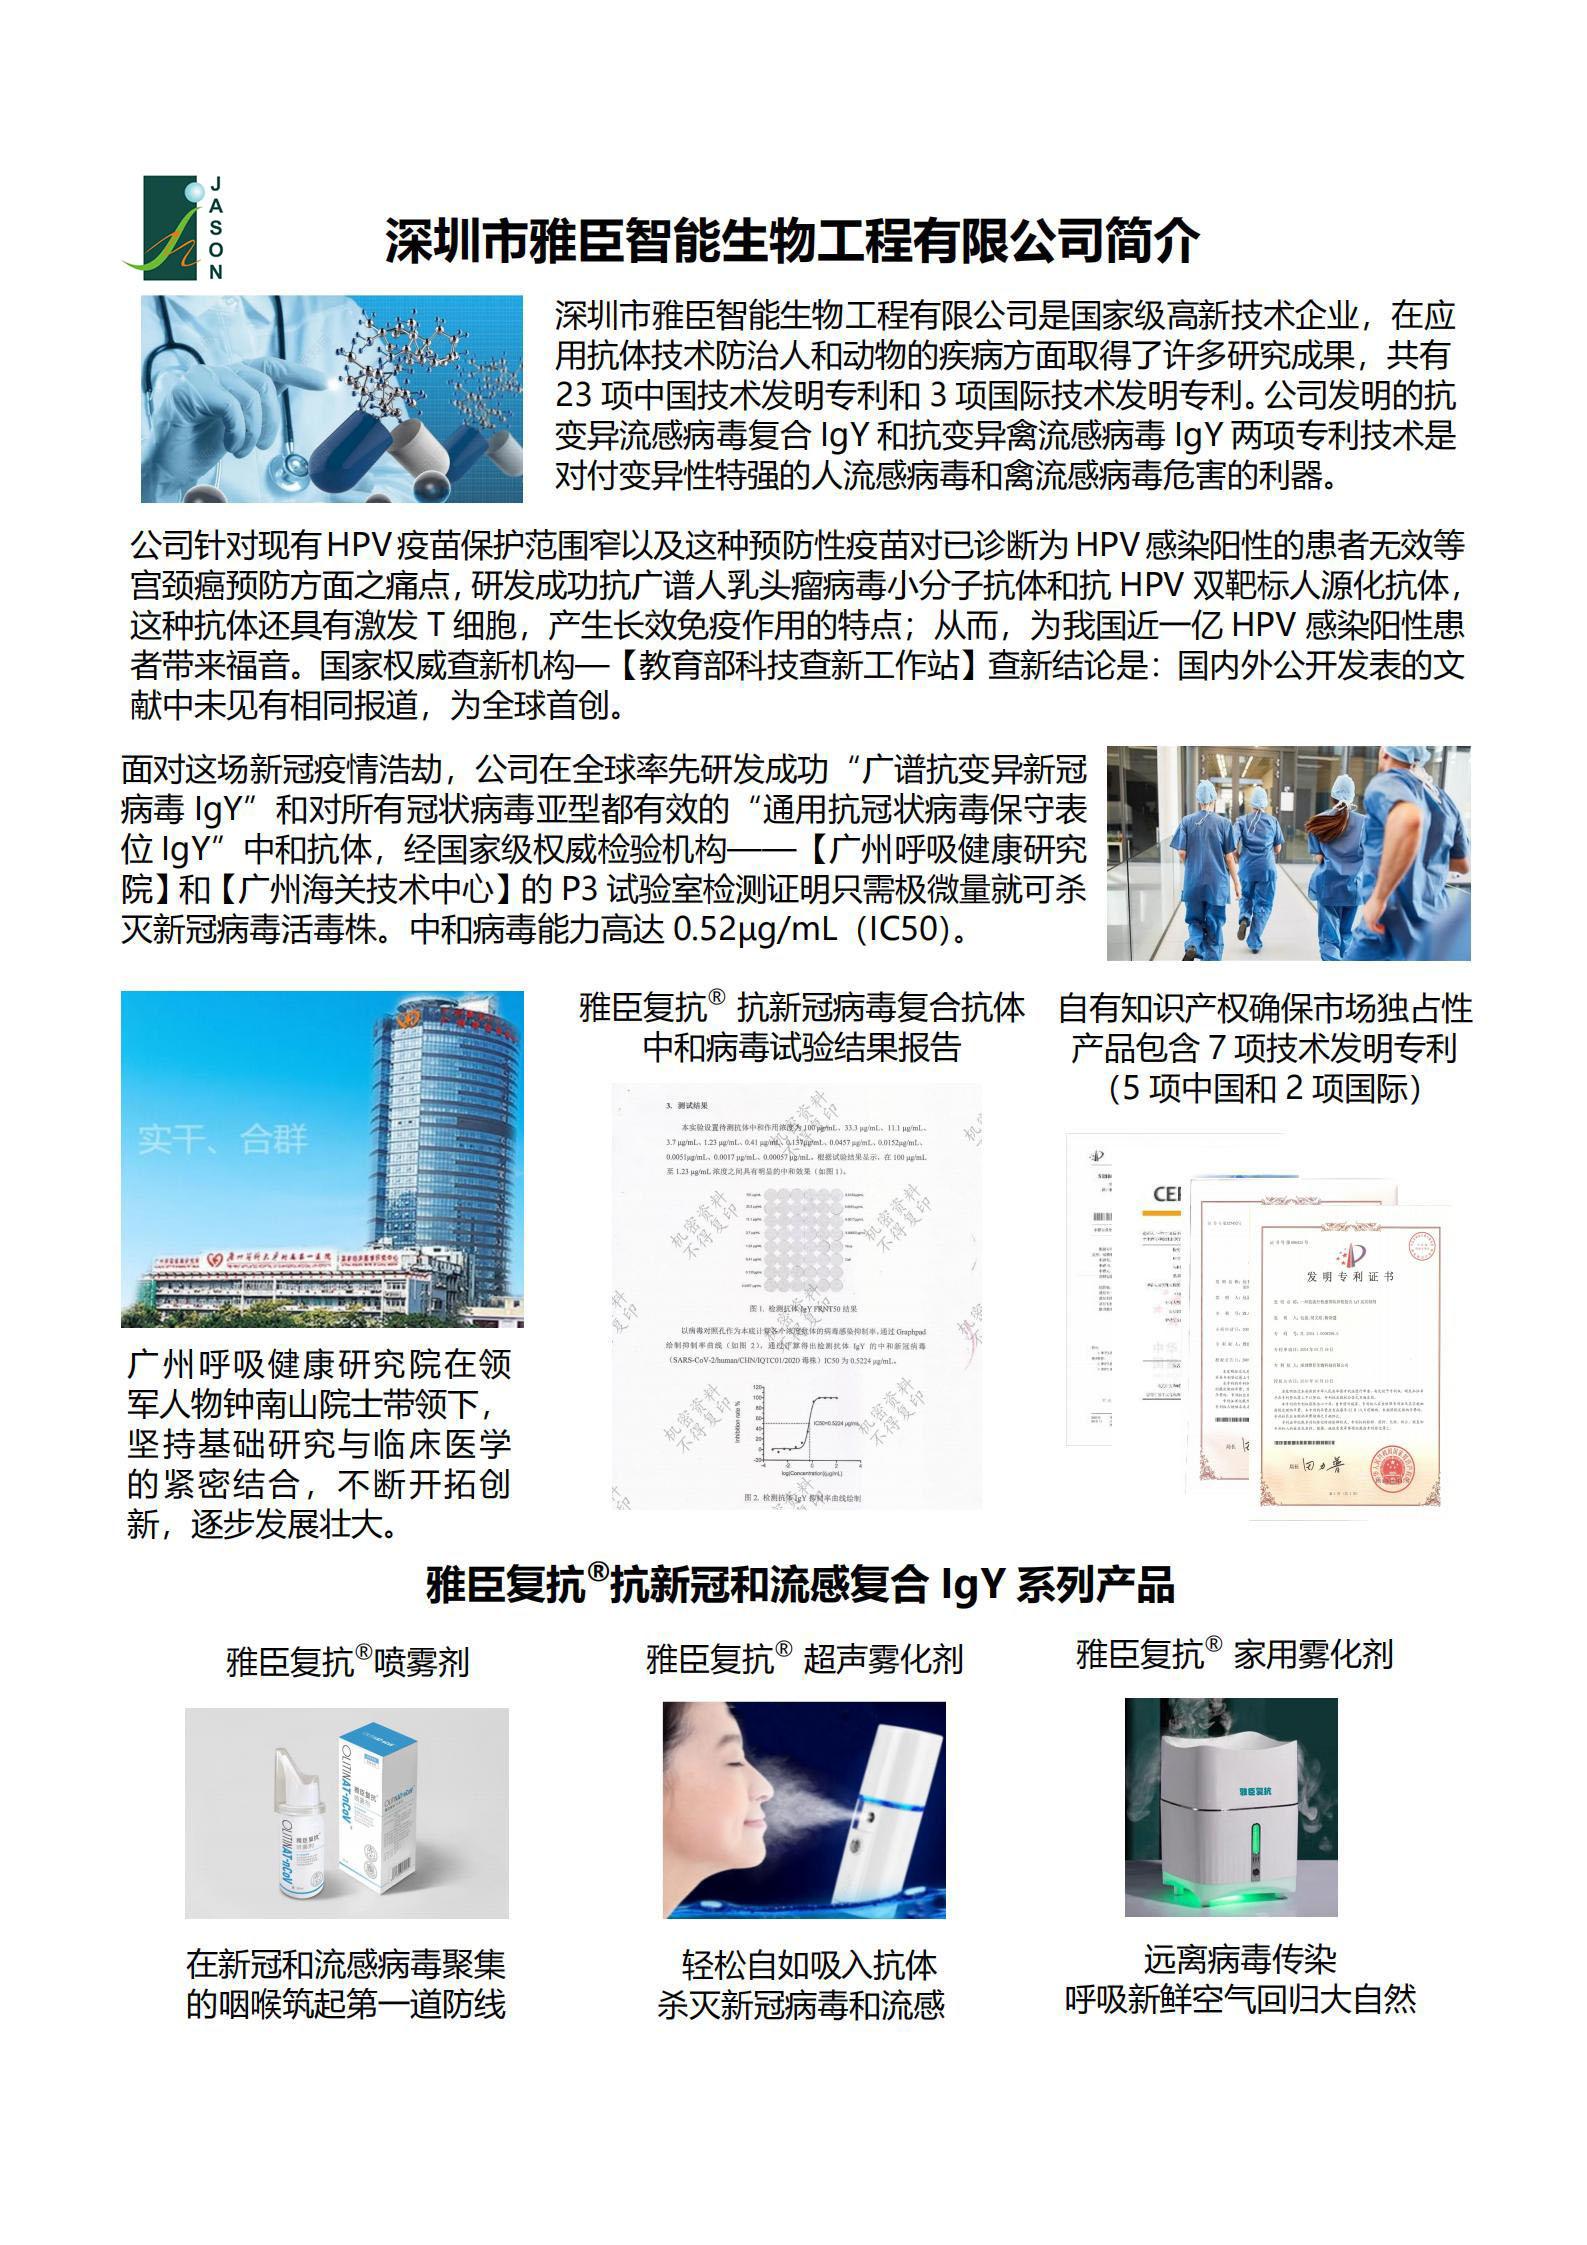 深圳市雅臣智能生物工程有限公司